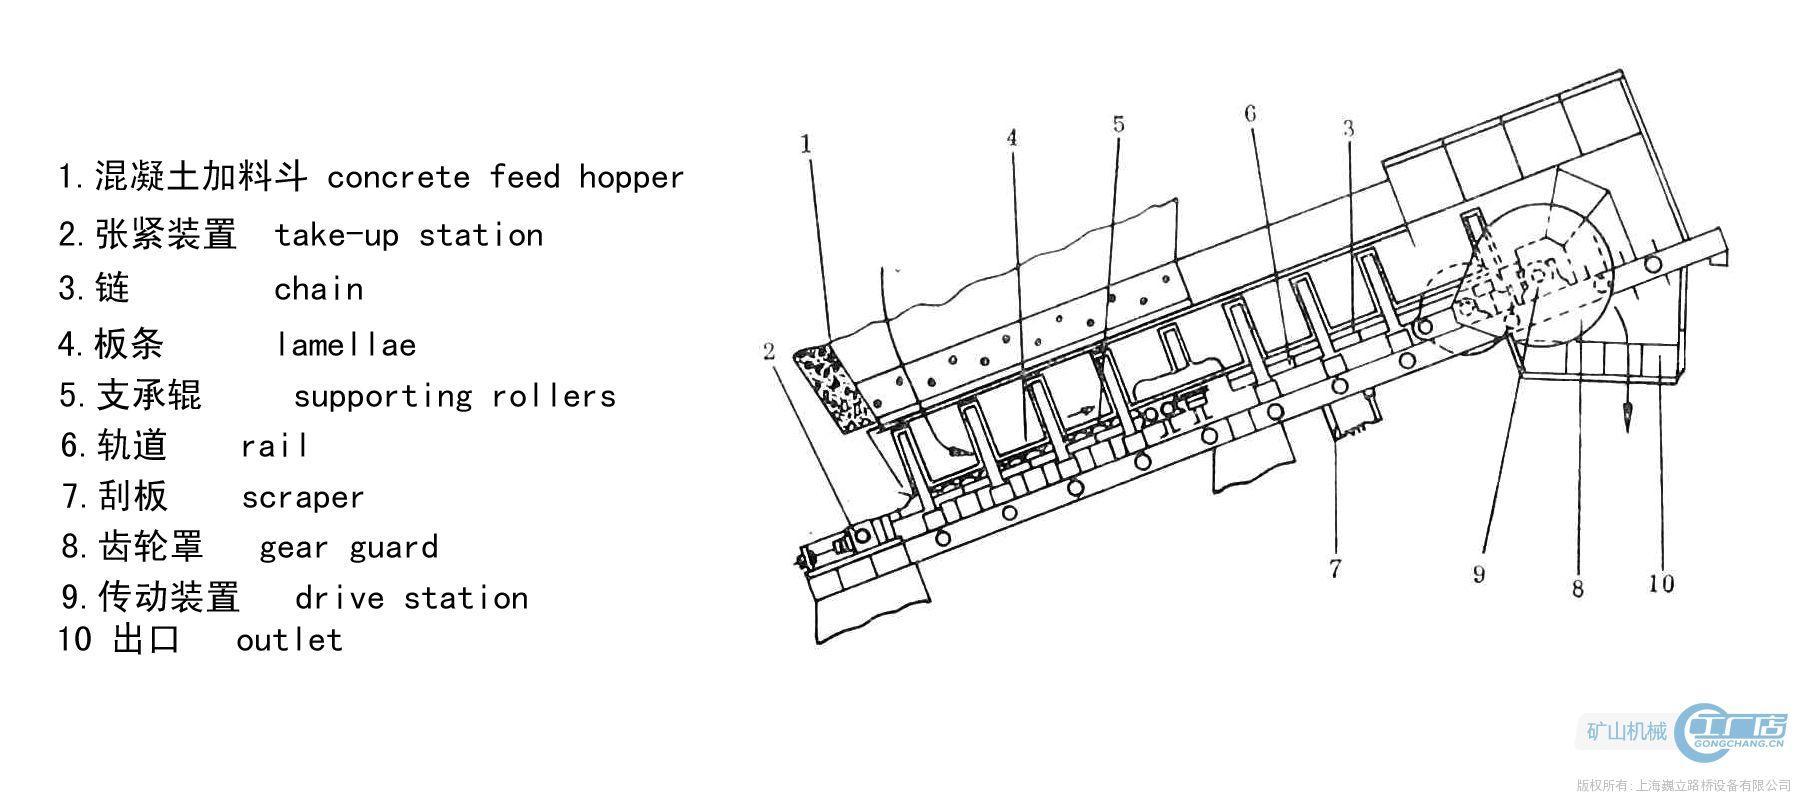 重型板式给料机是运输机械的辅助设备,该机在大型选矿厂破碎分级车间